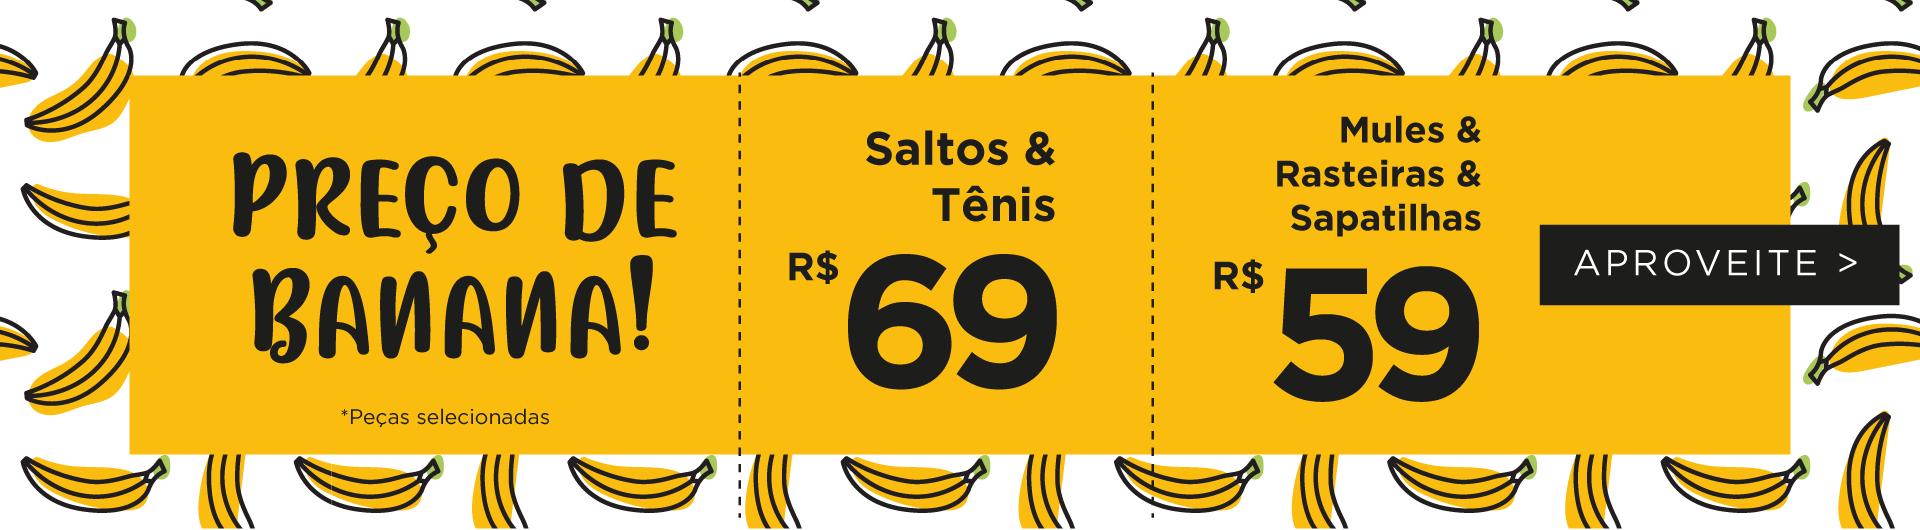 Preço de Banana